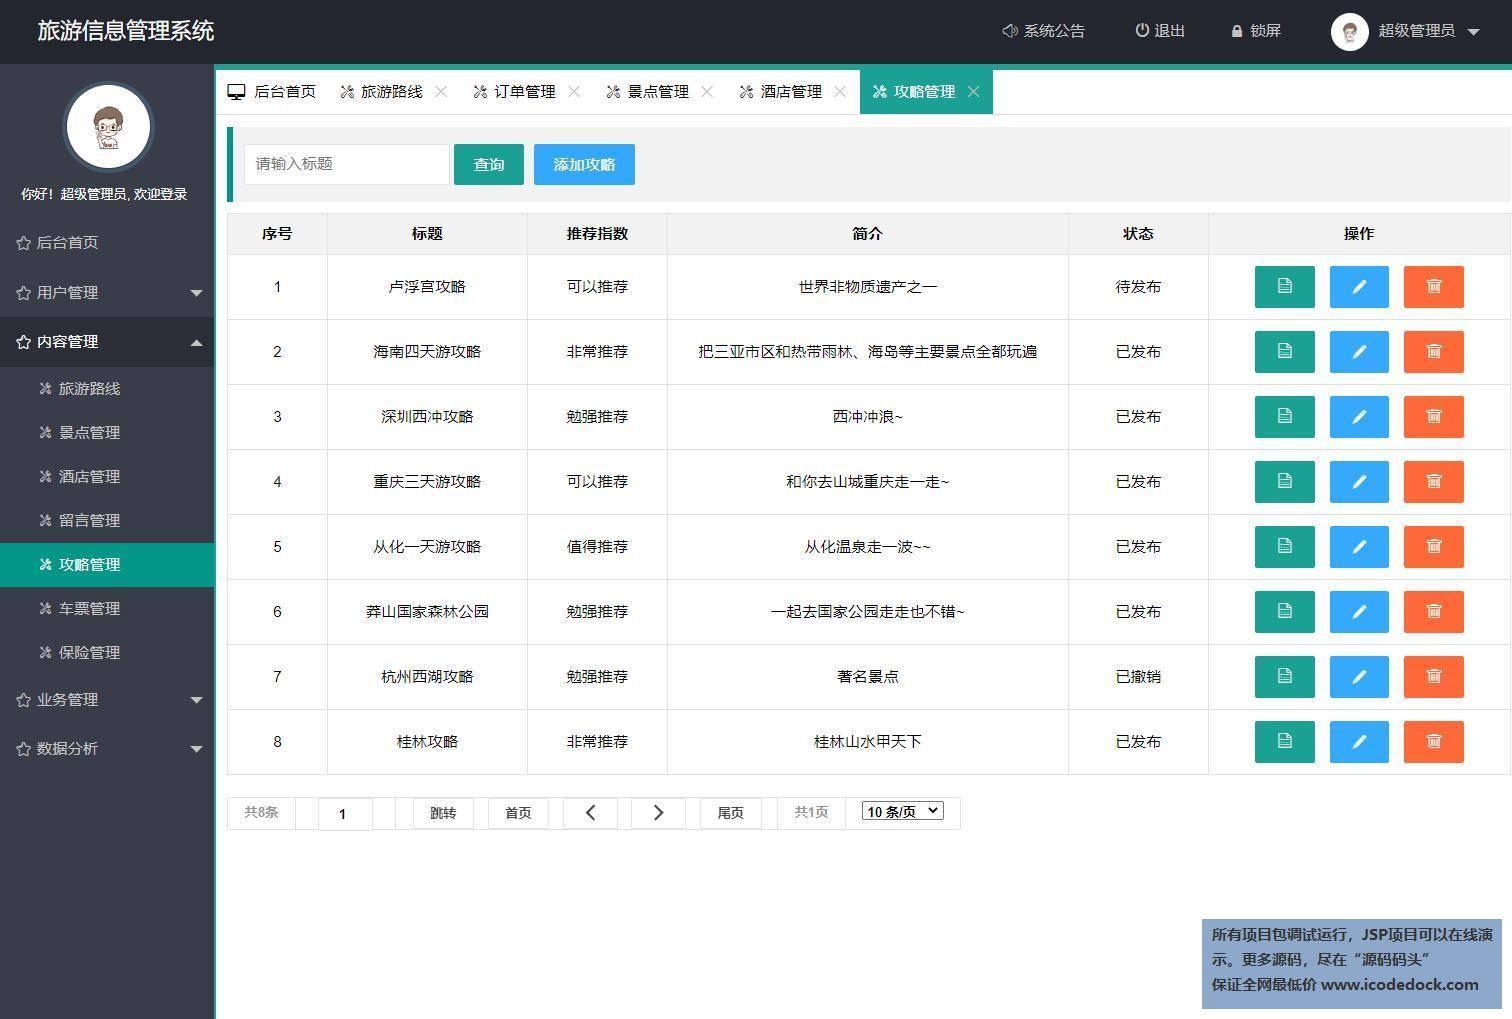 源码码头-Springboot旅游网站管理系统-管理员角色-旅游攻略管理